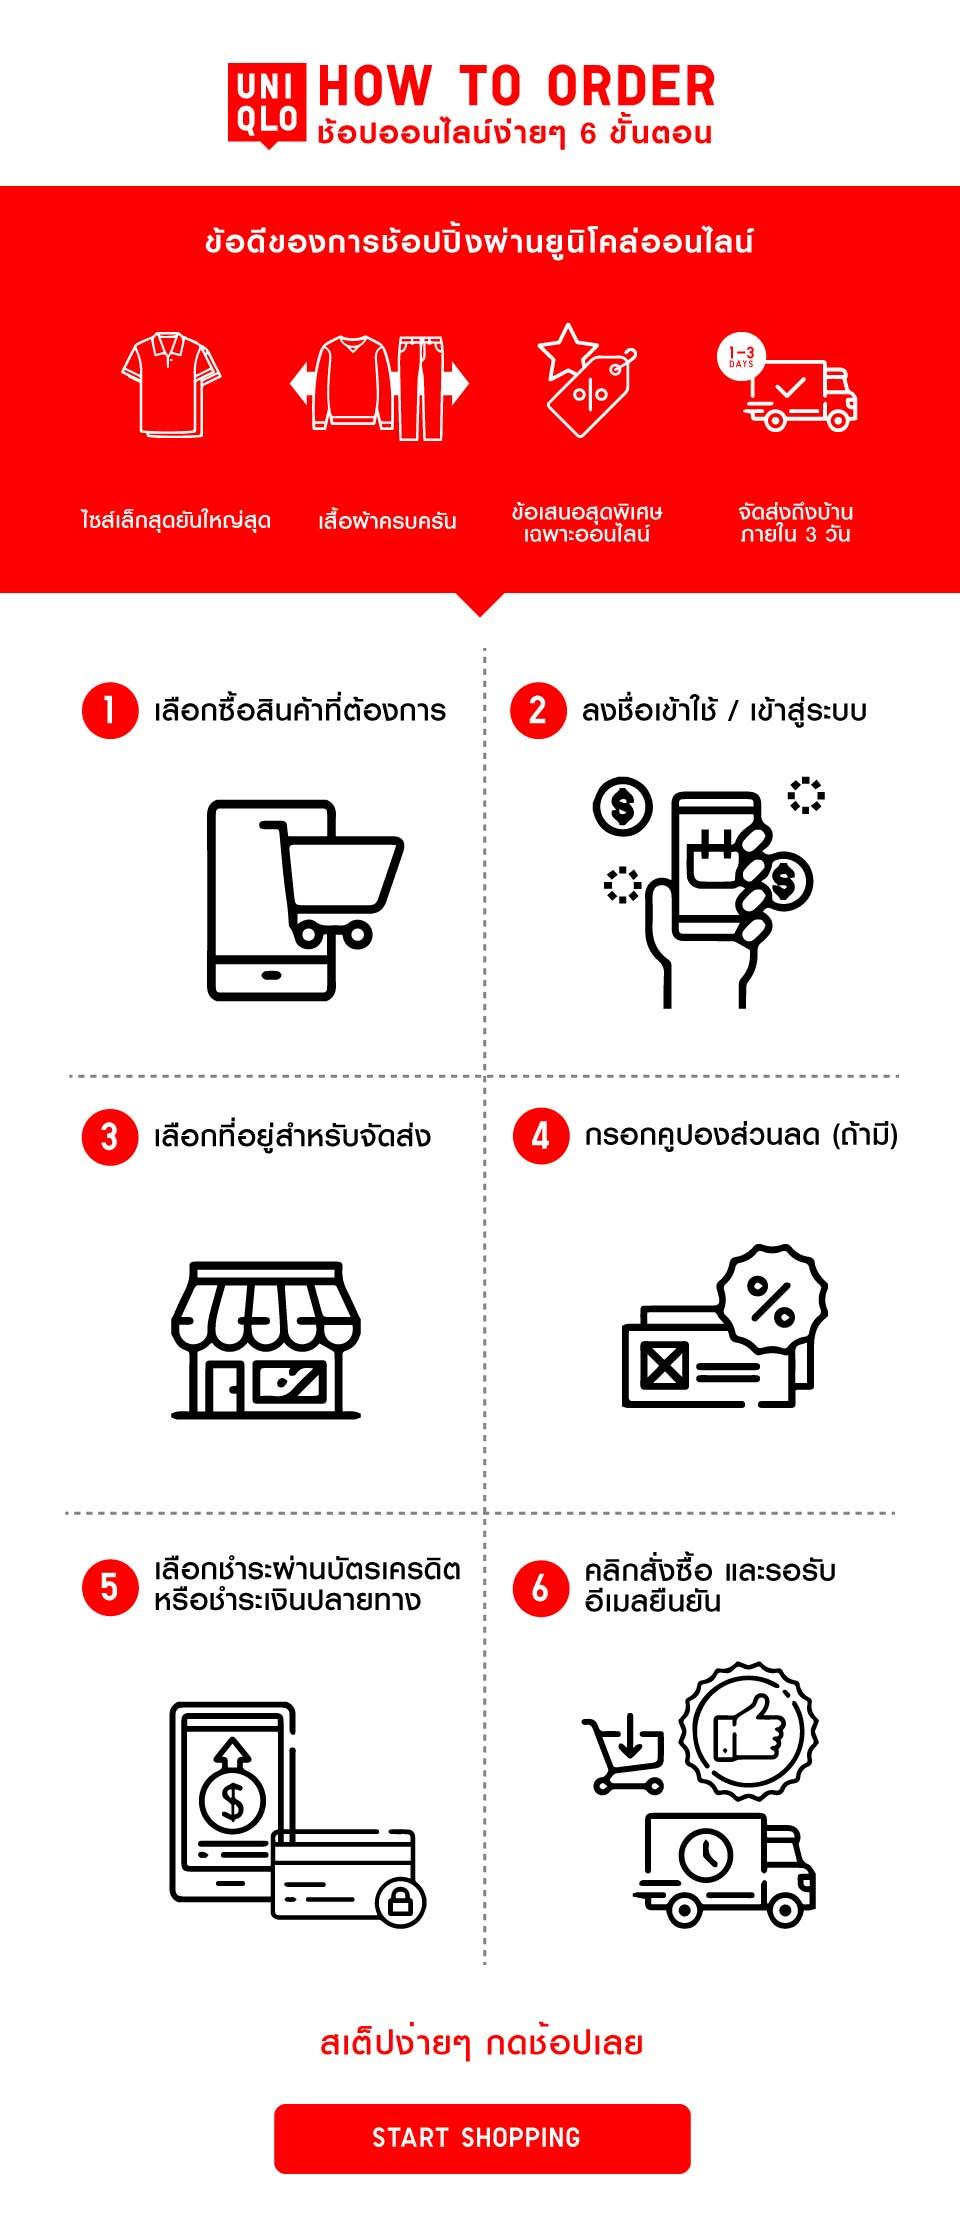 ฉันจะสั่งสินค้าออนไลน์ง่ายๆ ด้วย 6 ขั้นตอนอย่างไร | UQ TH